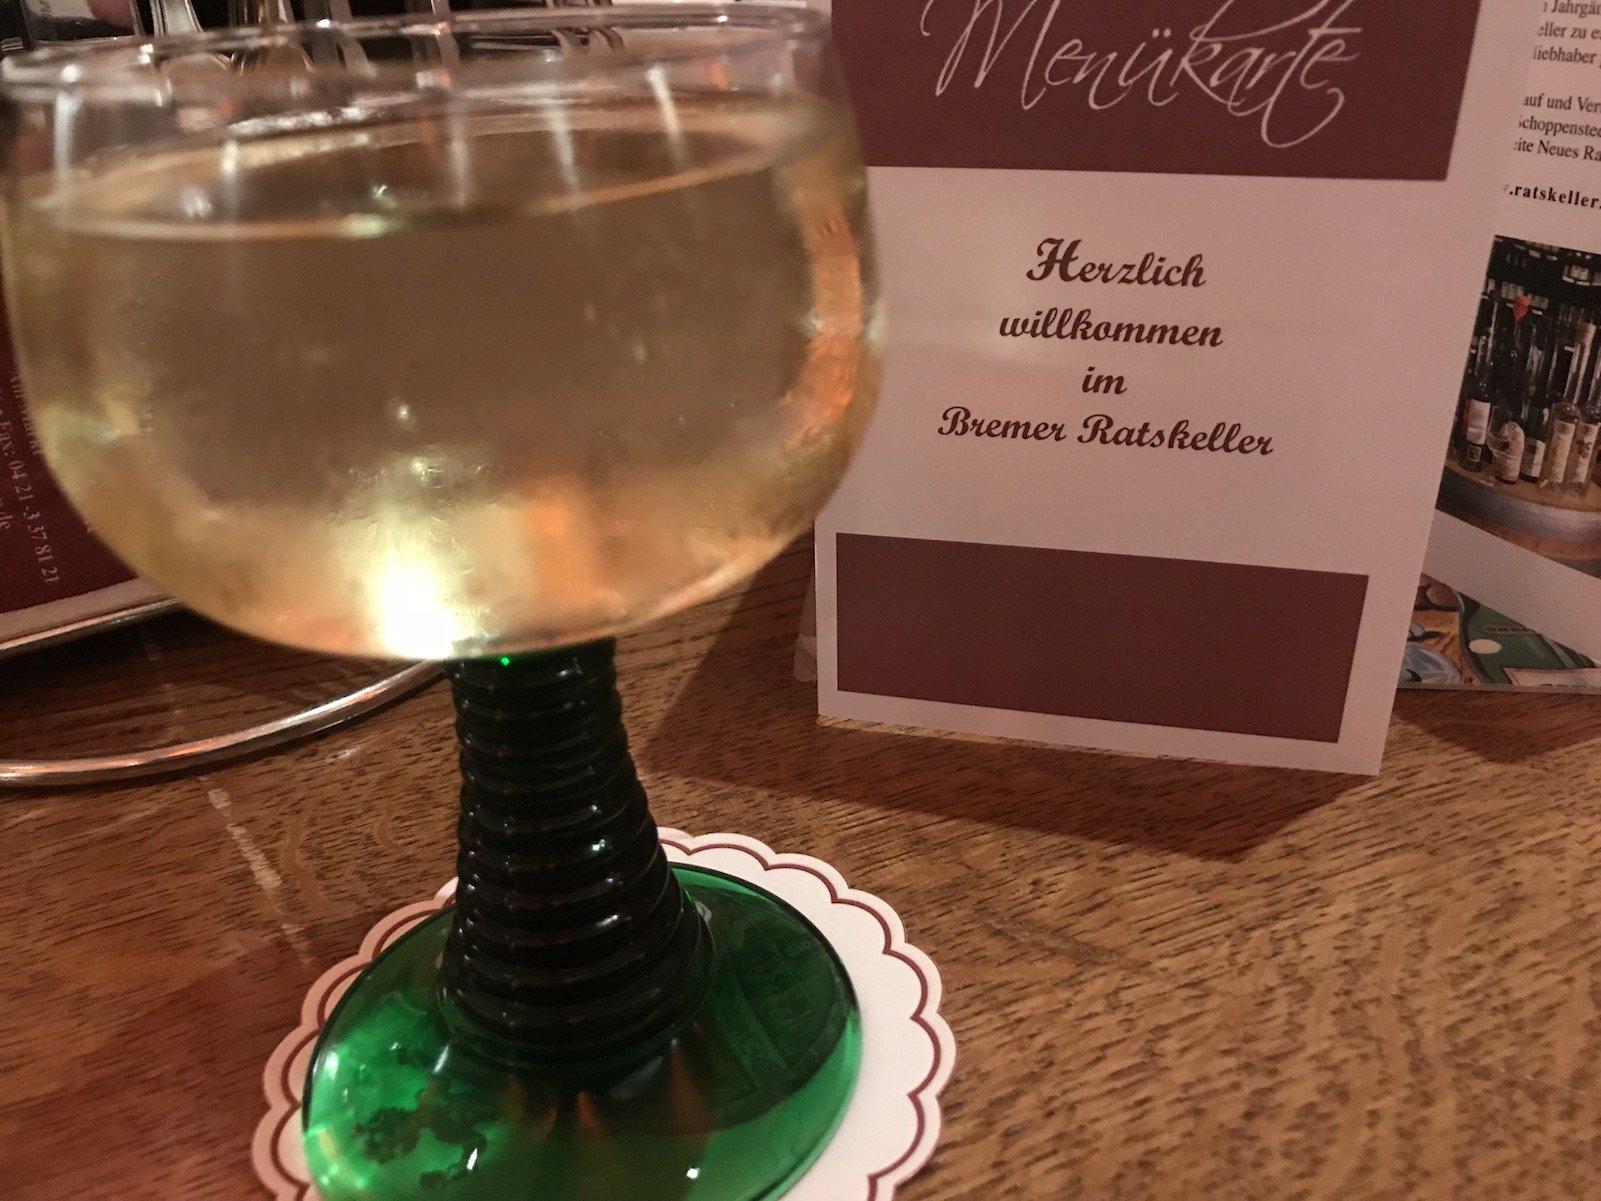 Ein Gläschen Wein zur Vorspeise im Bremer Ratskeller